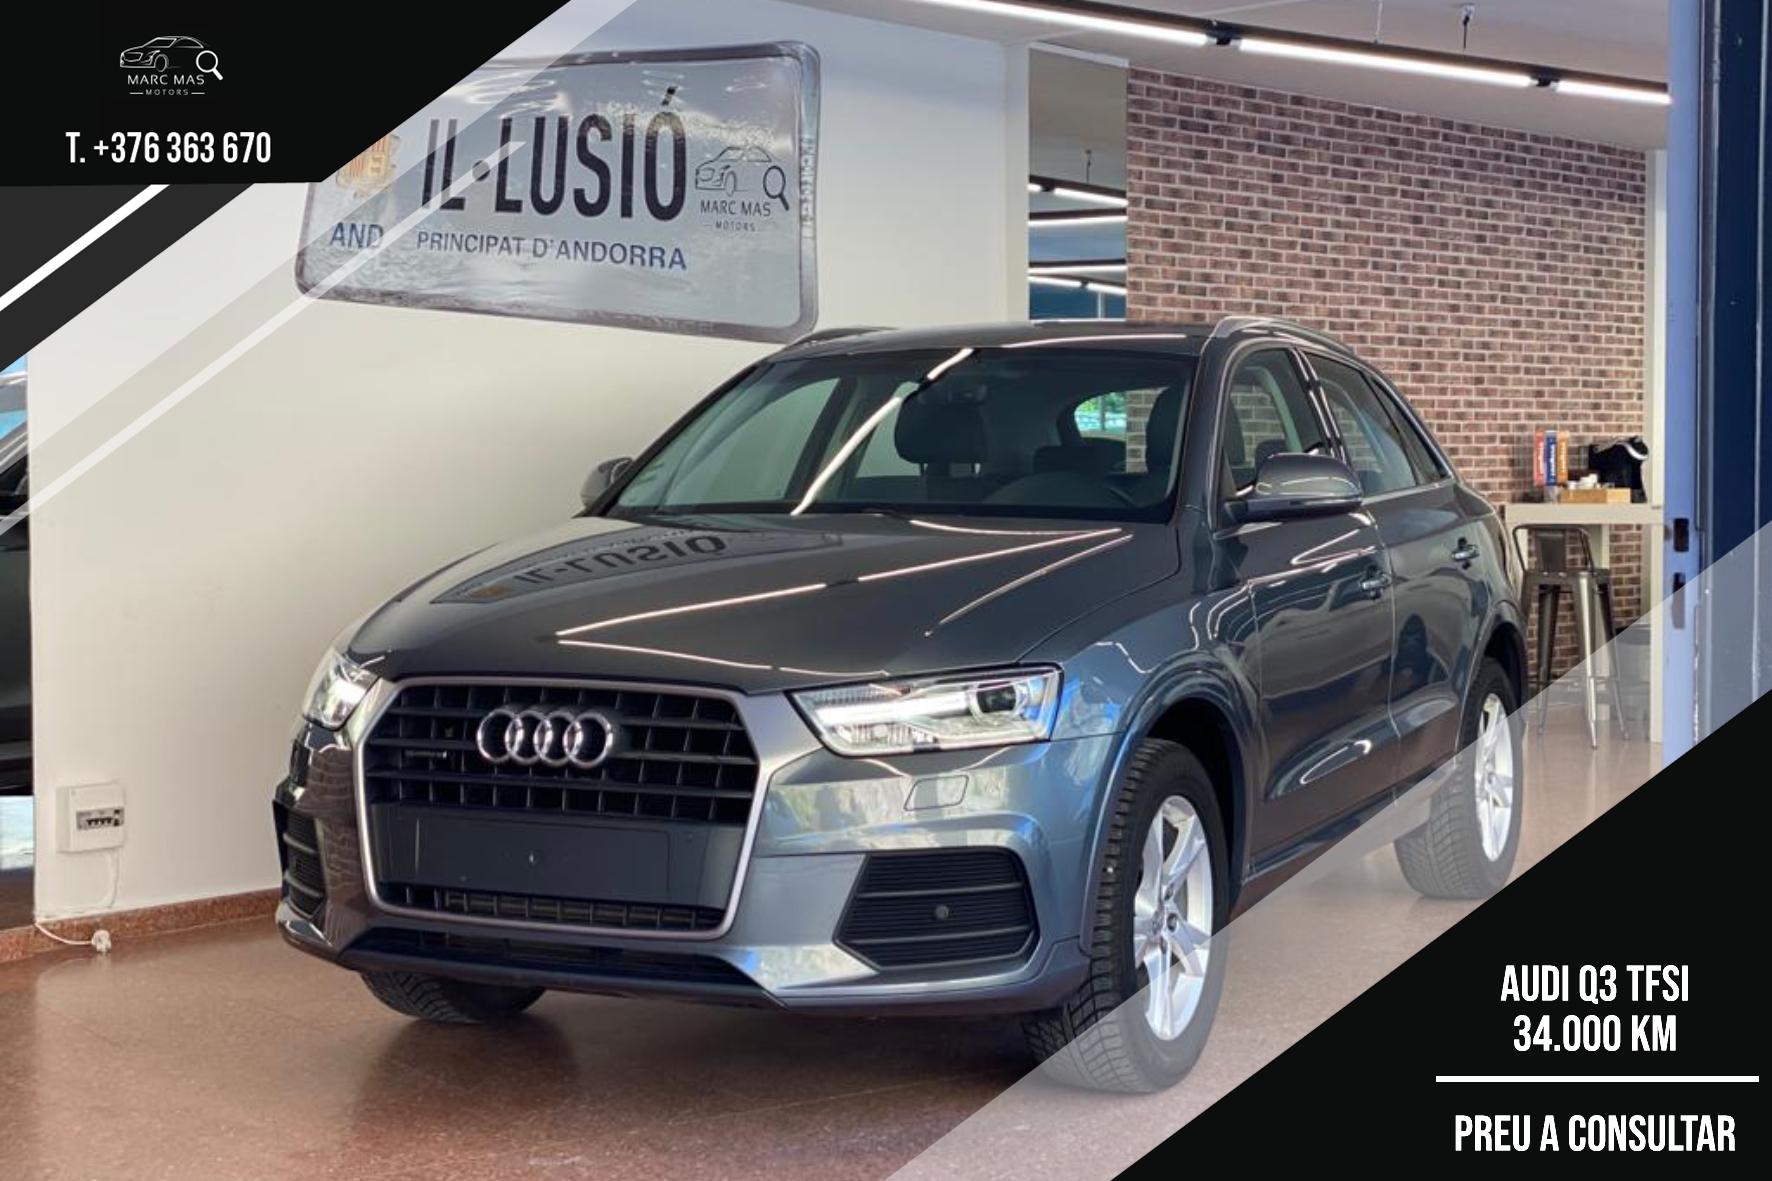 Audi - Q3 - 2.0 TSI QUATTRO 2.0 TSI QUATTRO Benzina  2016  34.000 Km